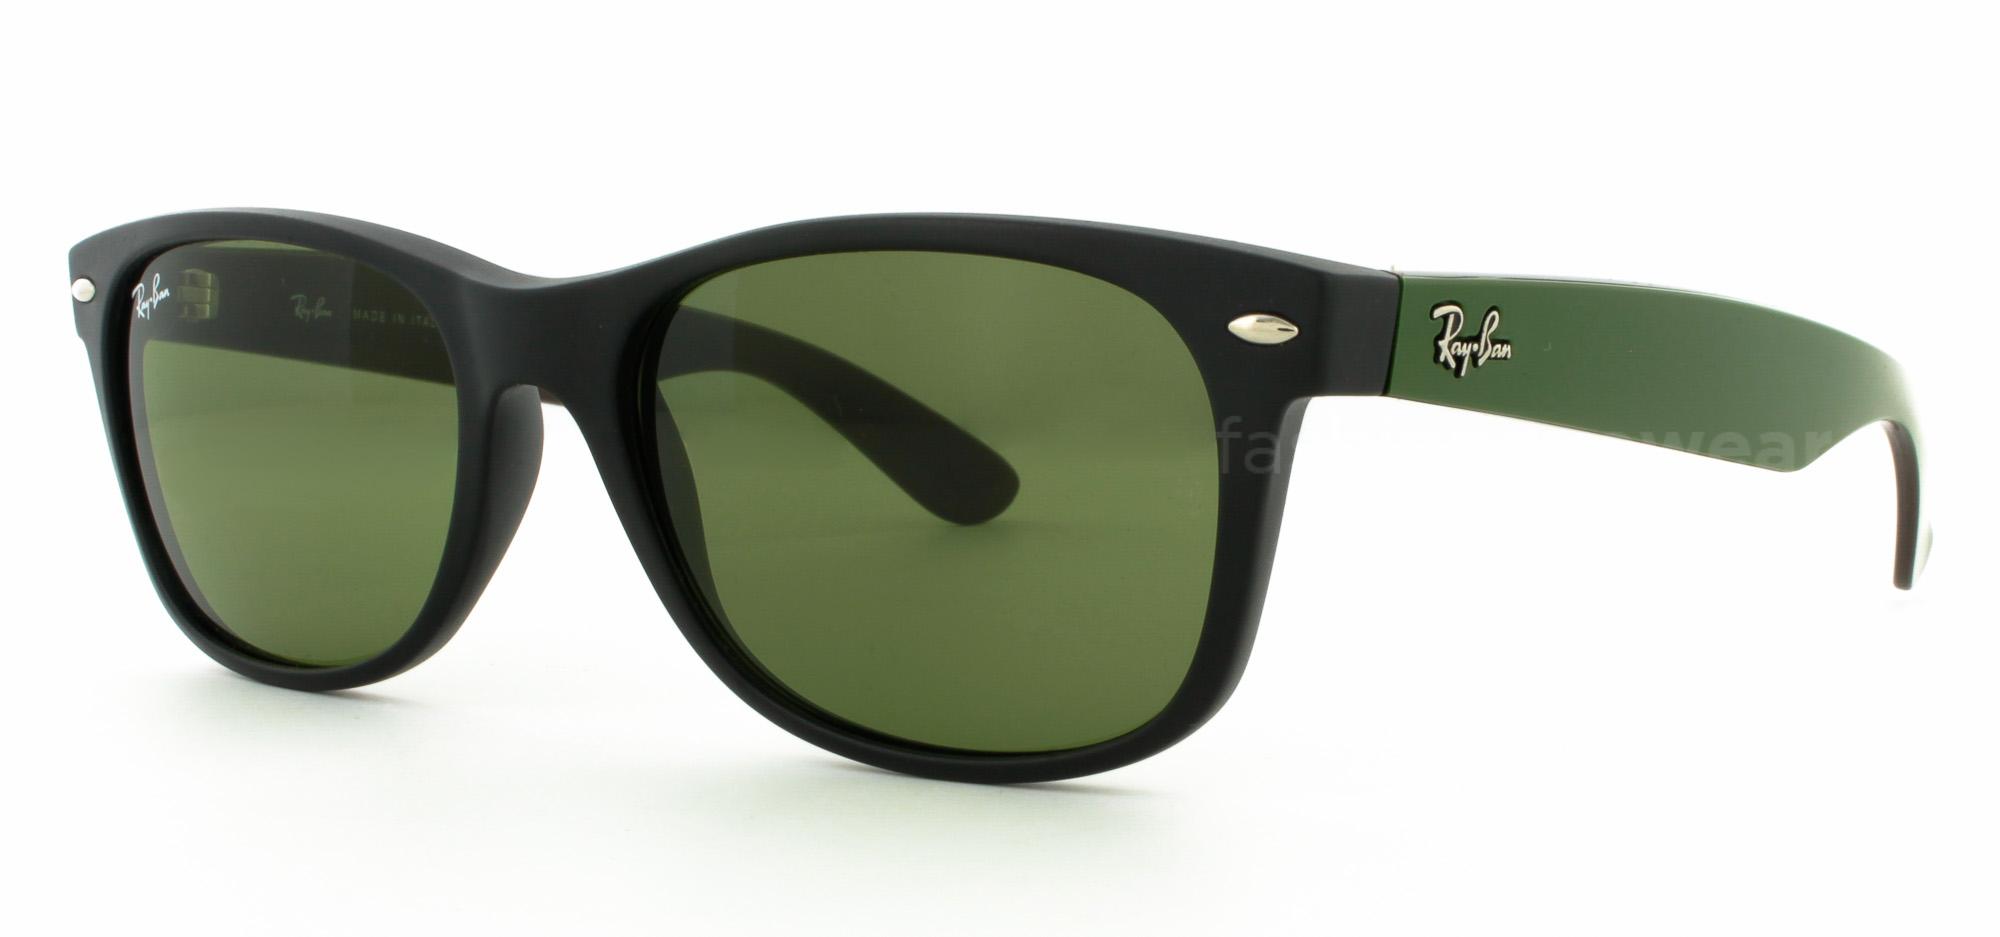 a40c55adc04 Oakley Sunglasses Showroom In Bangalore « Heritage Malta